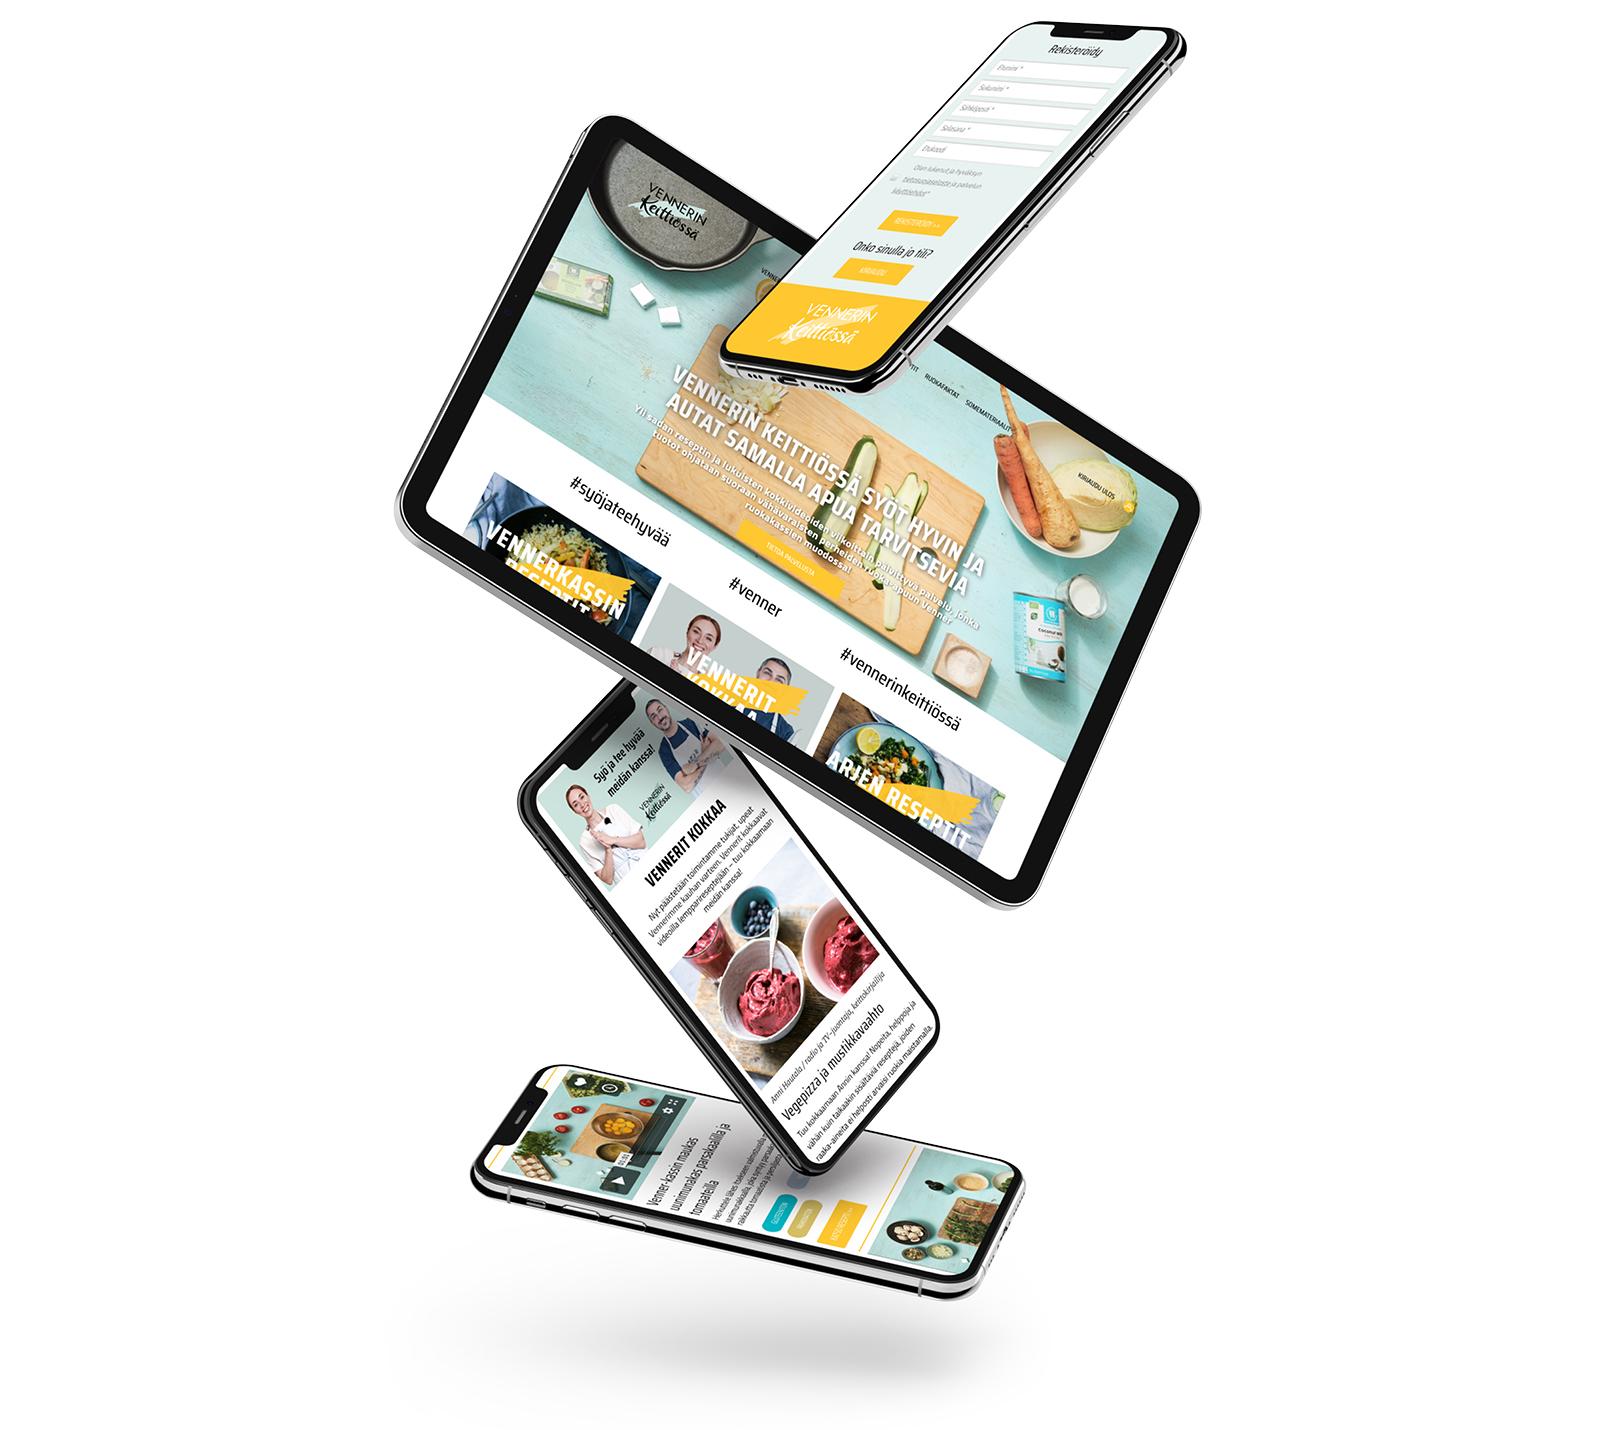 Mobiili- ja iPadnäkymiä Vennerin keittiössä -palvelusta.